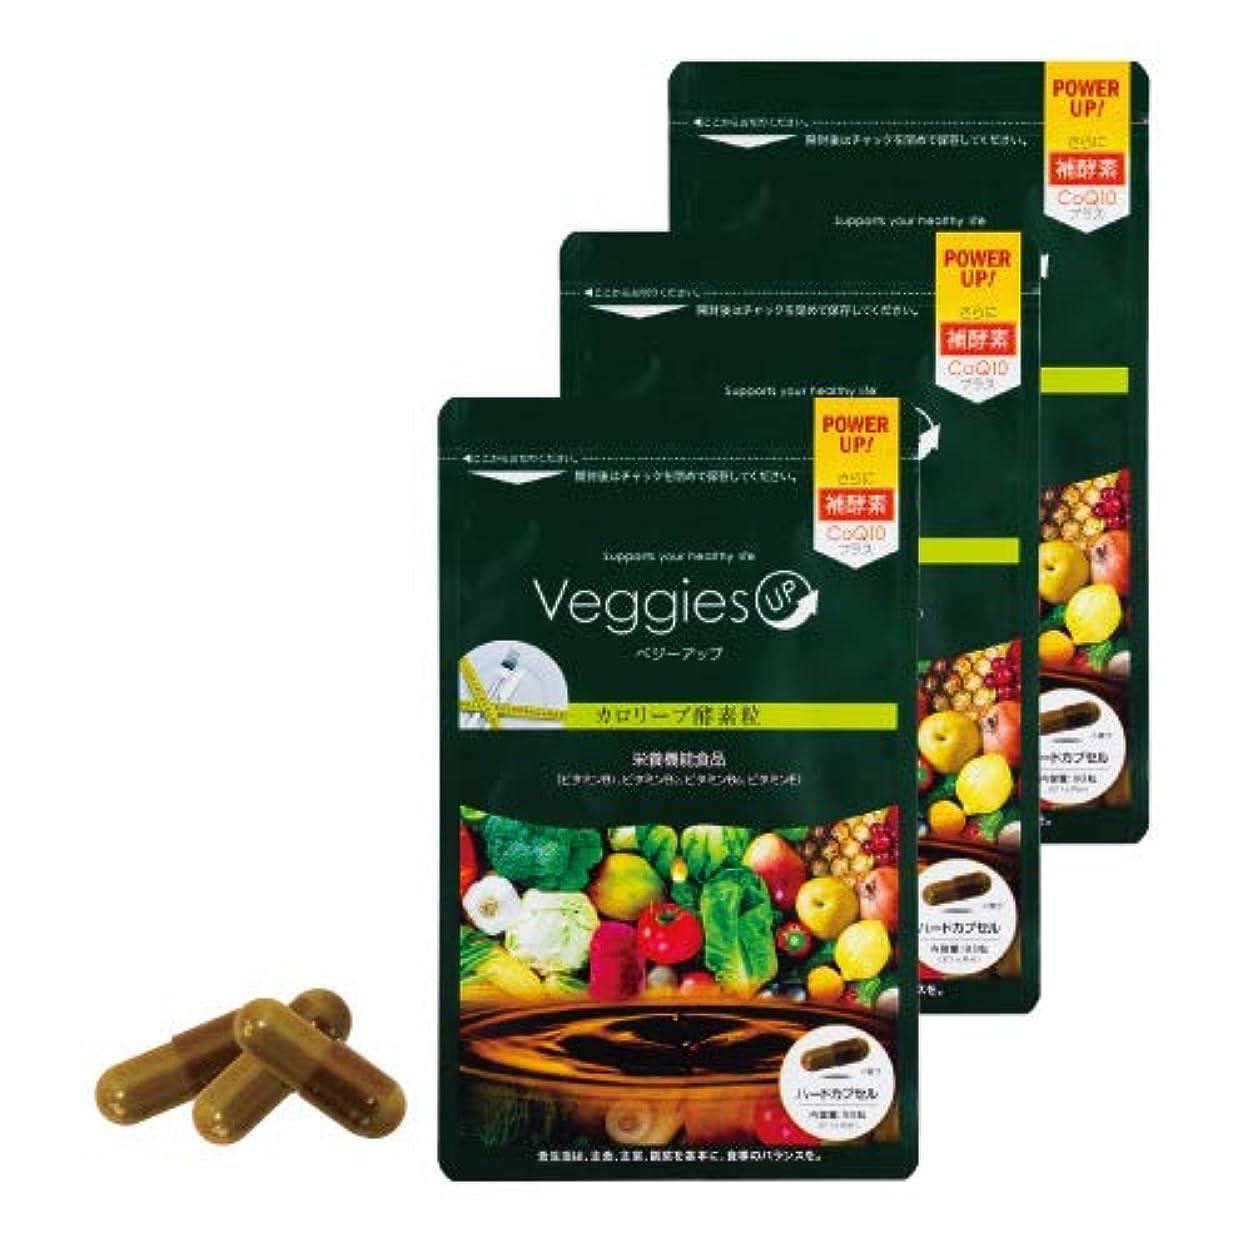 安西憧れケイ素ベジーアップ酵素粒カロリーブ 93粒 3袋セット ダイエット 酵素サプリ 酵素ダイエット サラシア コエンザイムQ10 竹炭